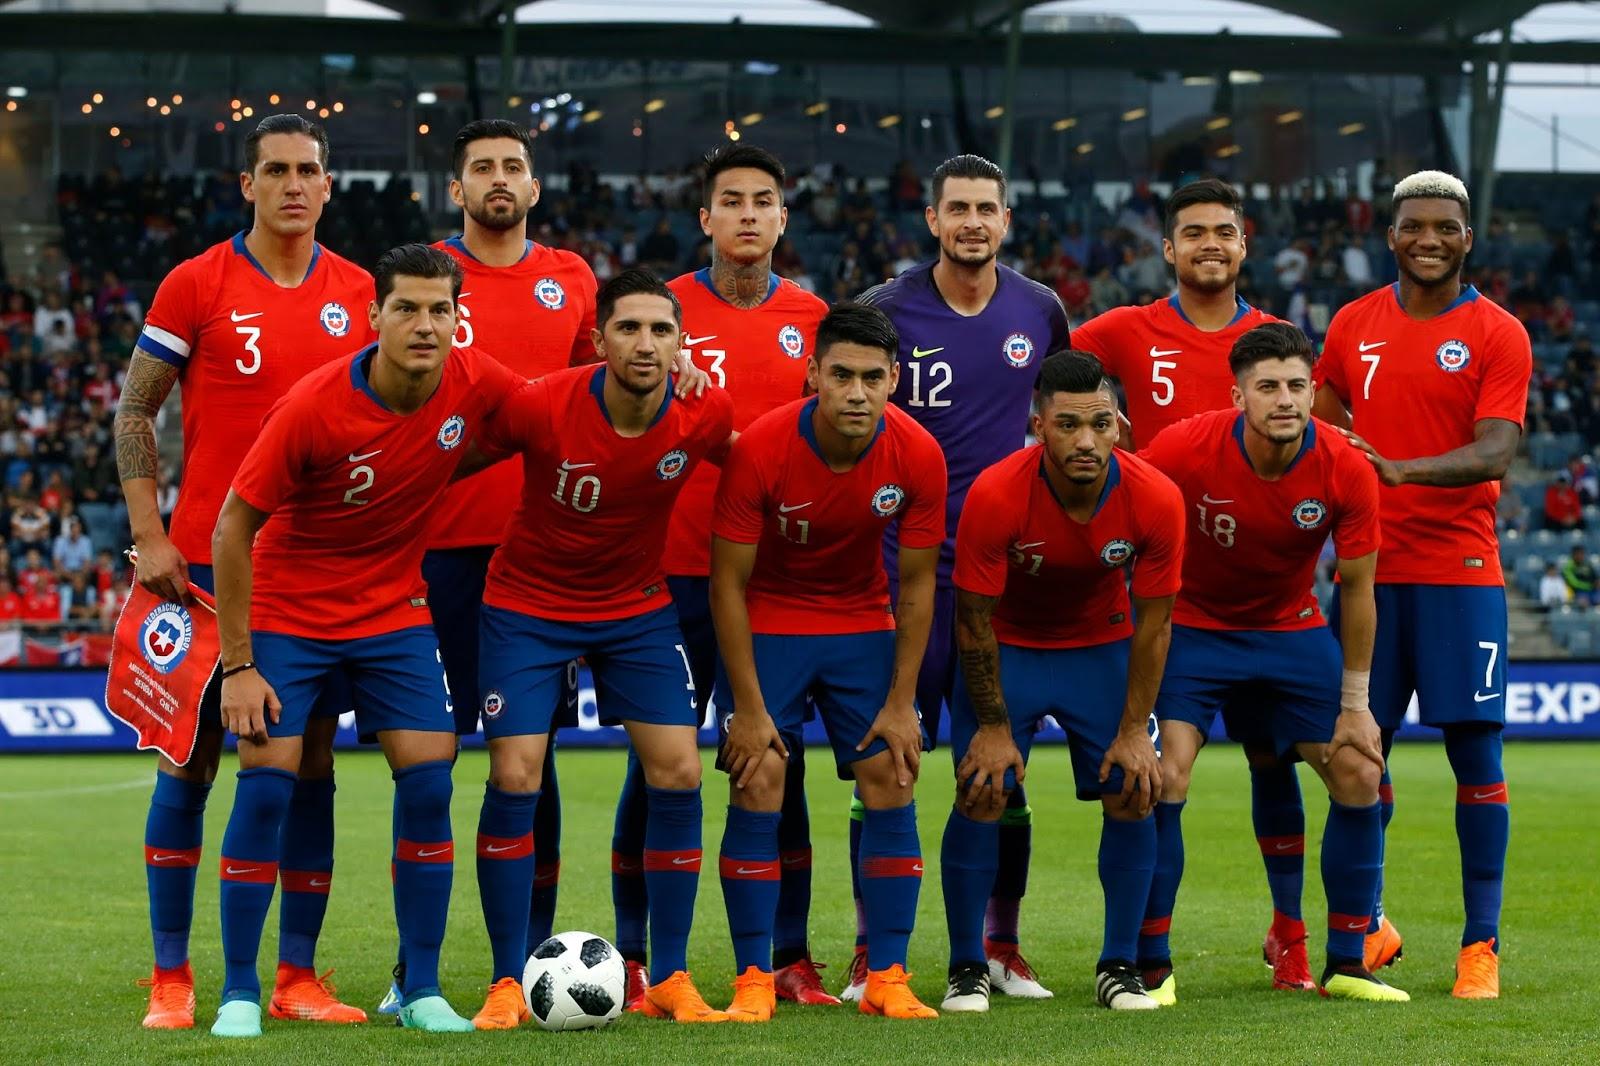 Formación de Chile ante Serbia, amistoso disputado el 4 de junio de 2018